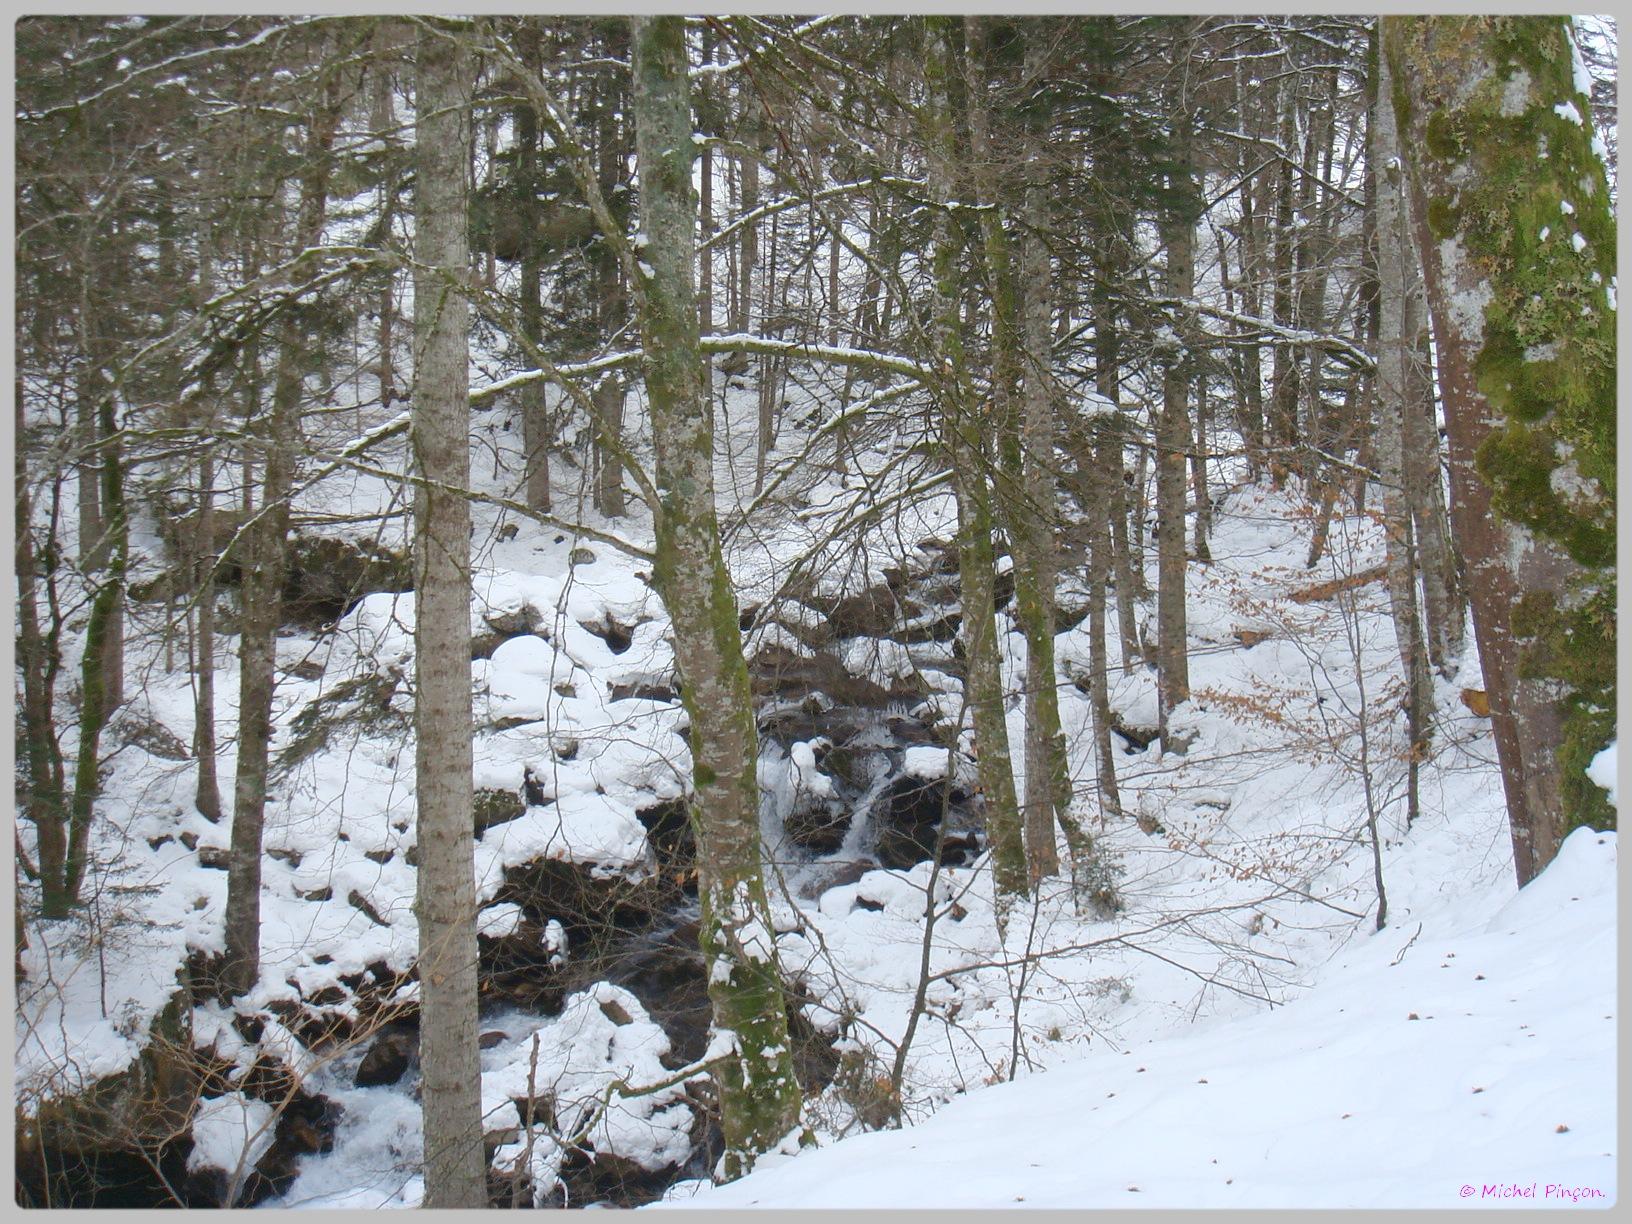 Une semaine à la Neige dans les Htes Pyrénées - Page 2 987521DSC011864